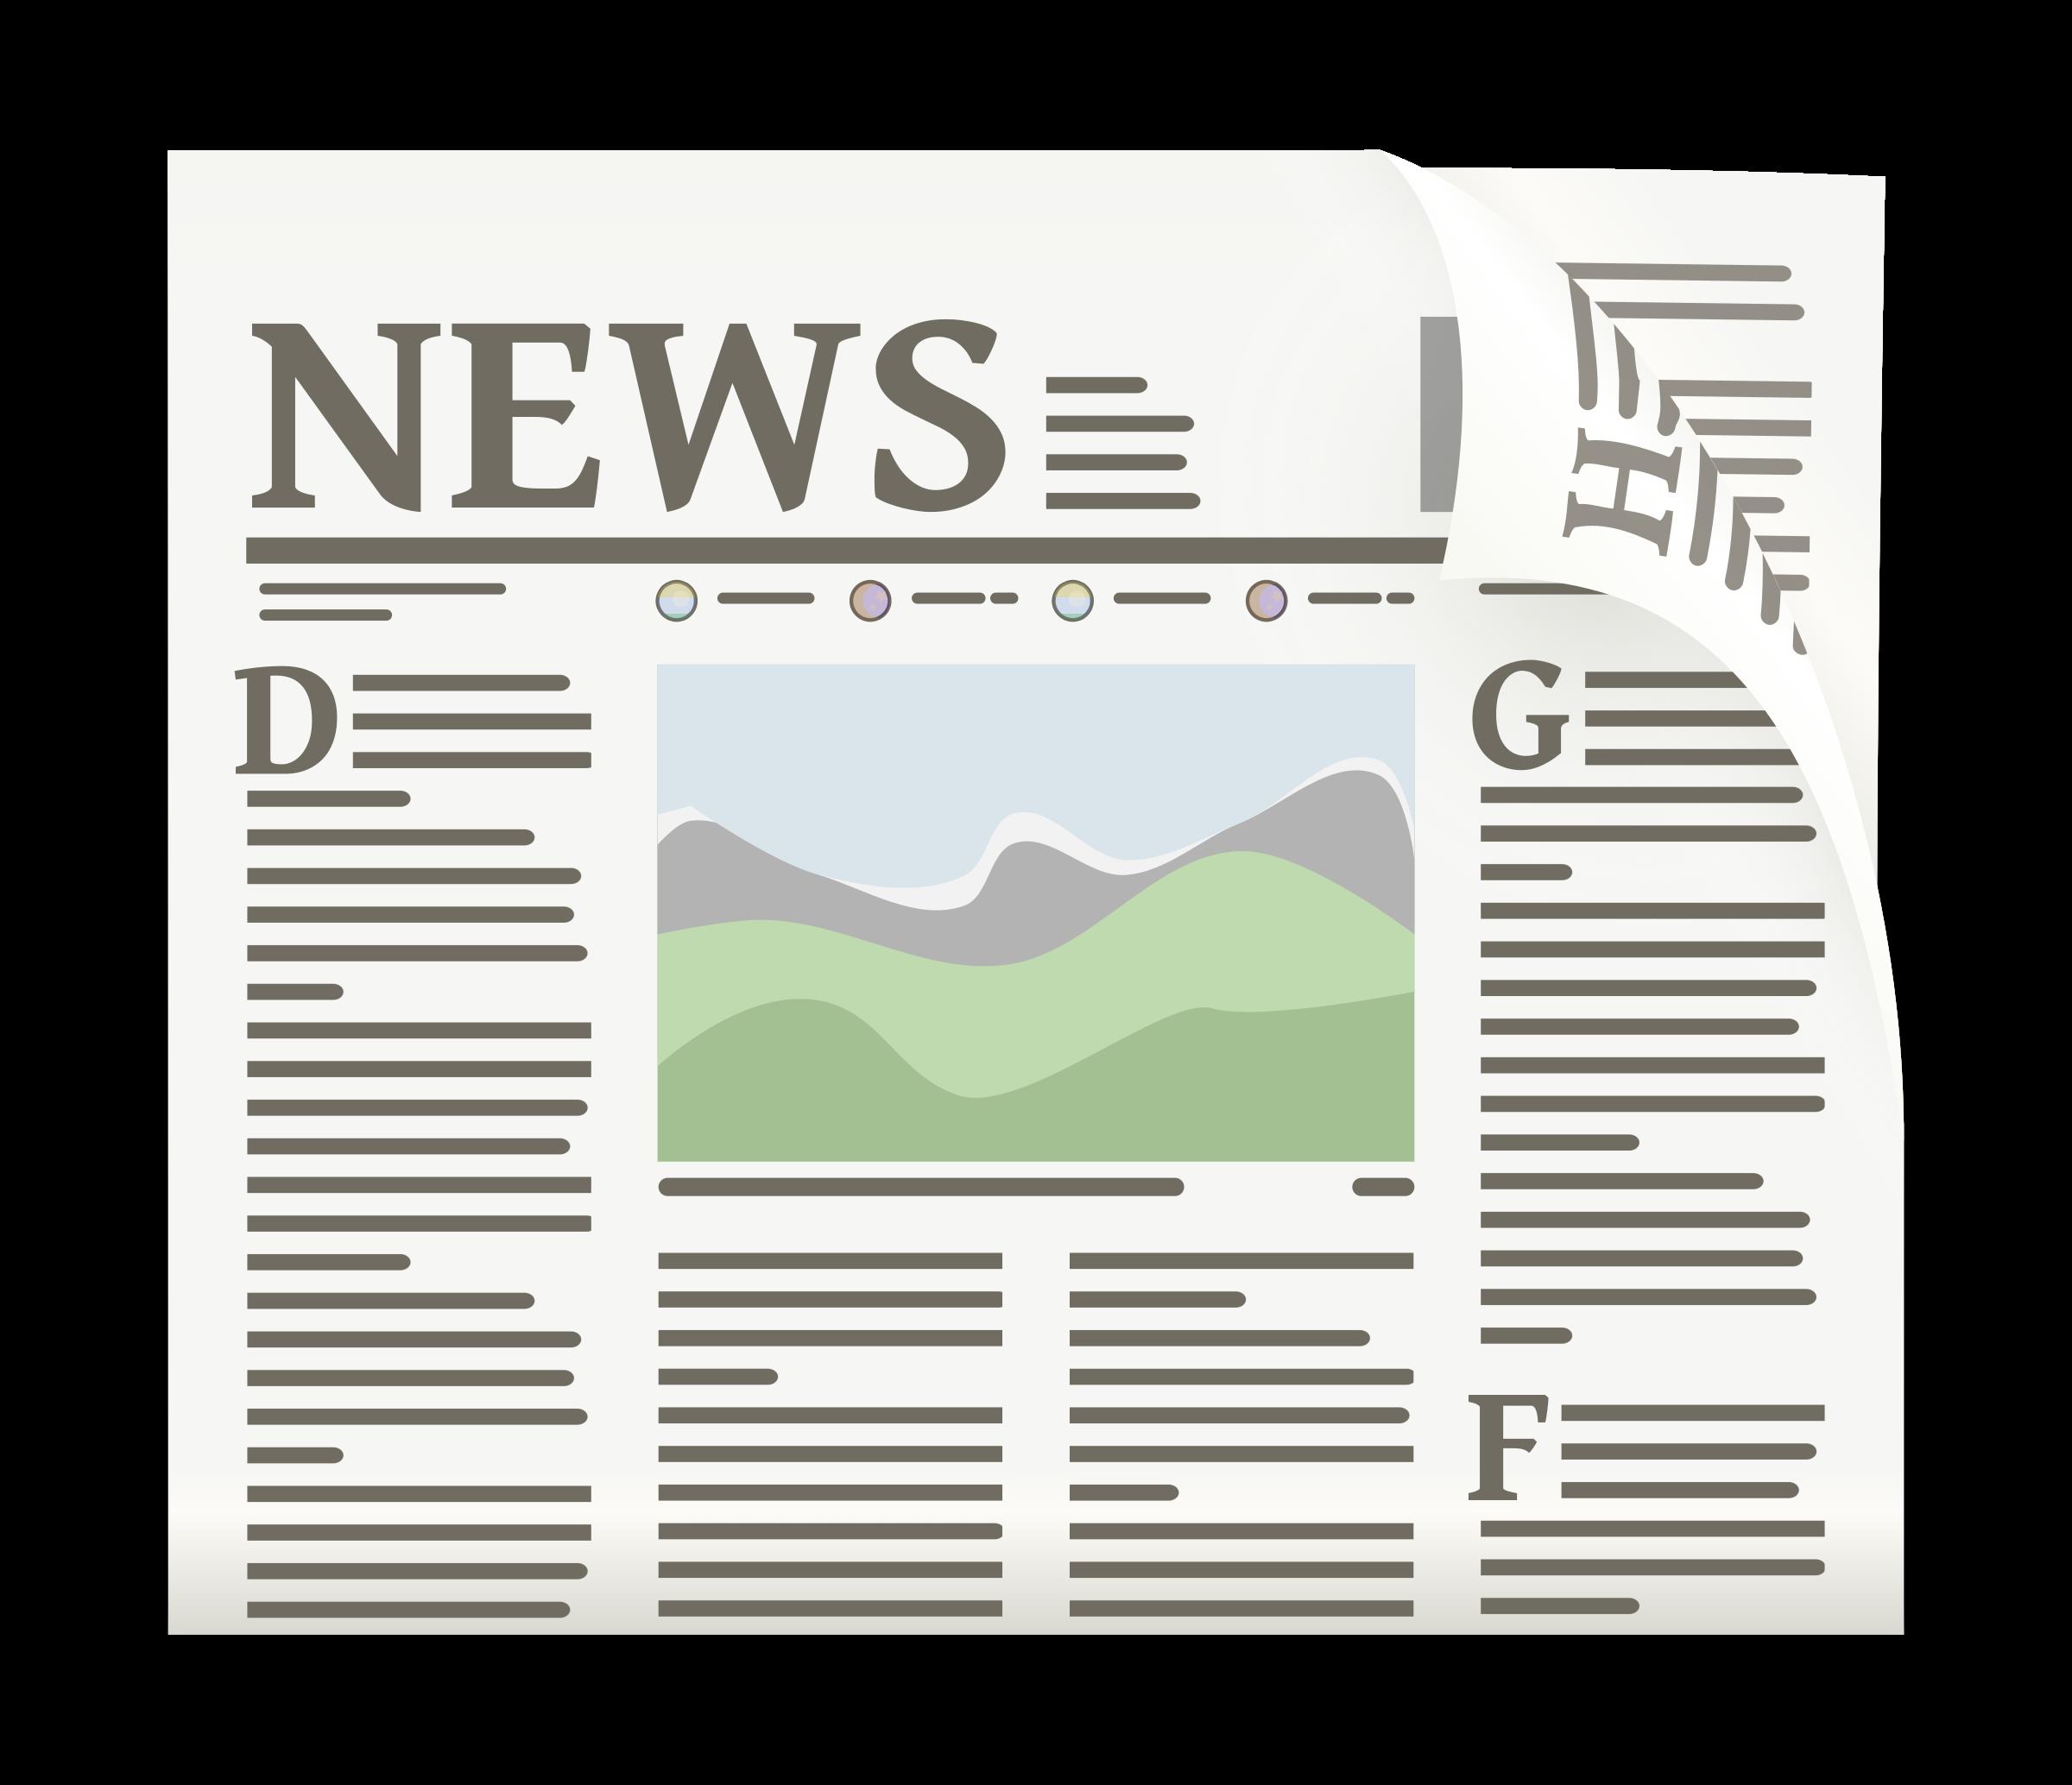 News clipart newpaper. Big image png